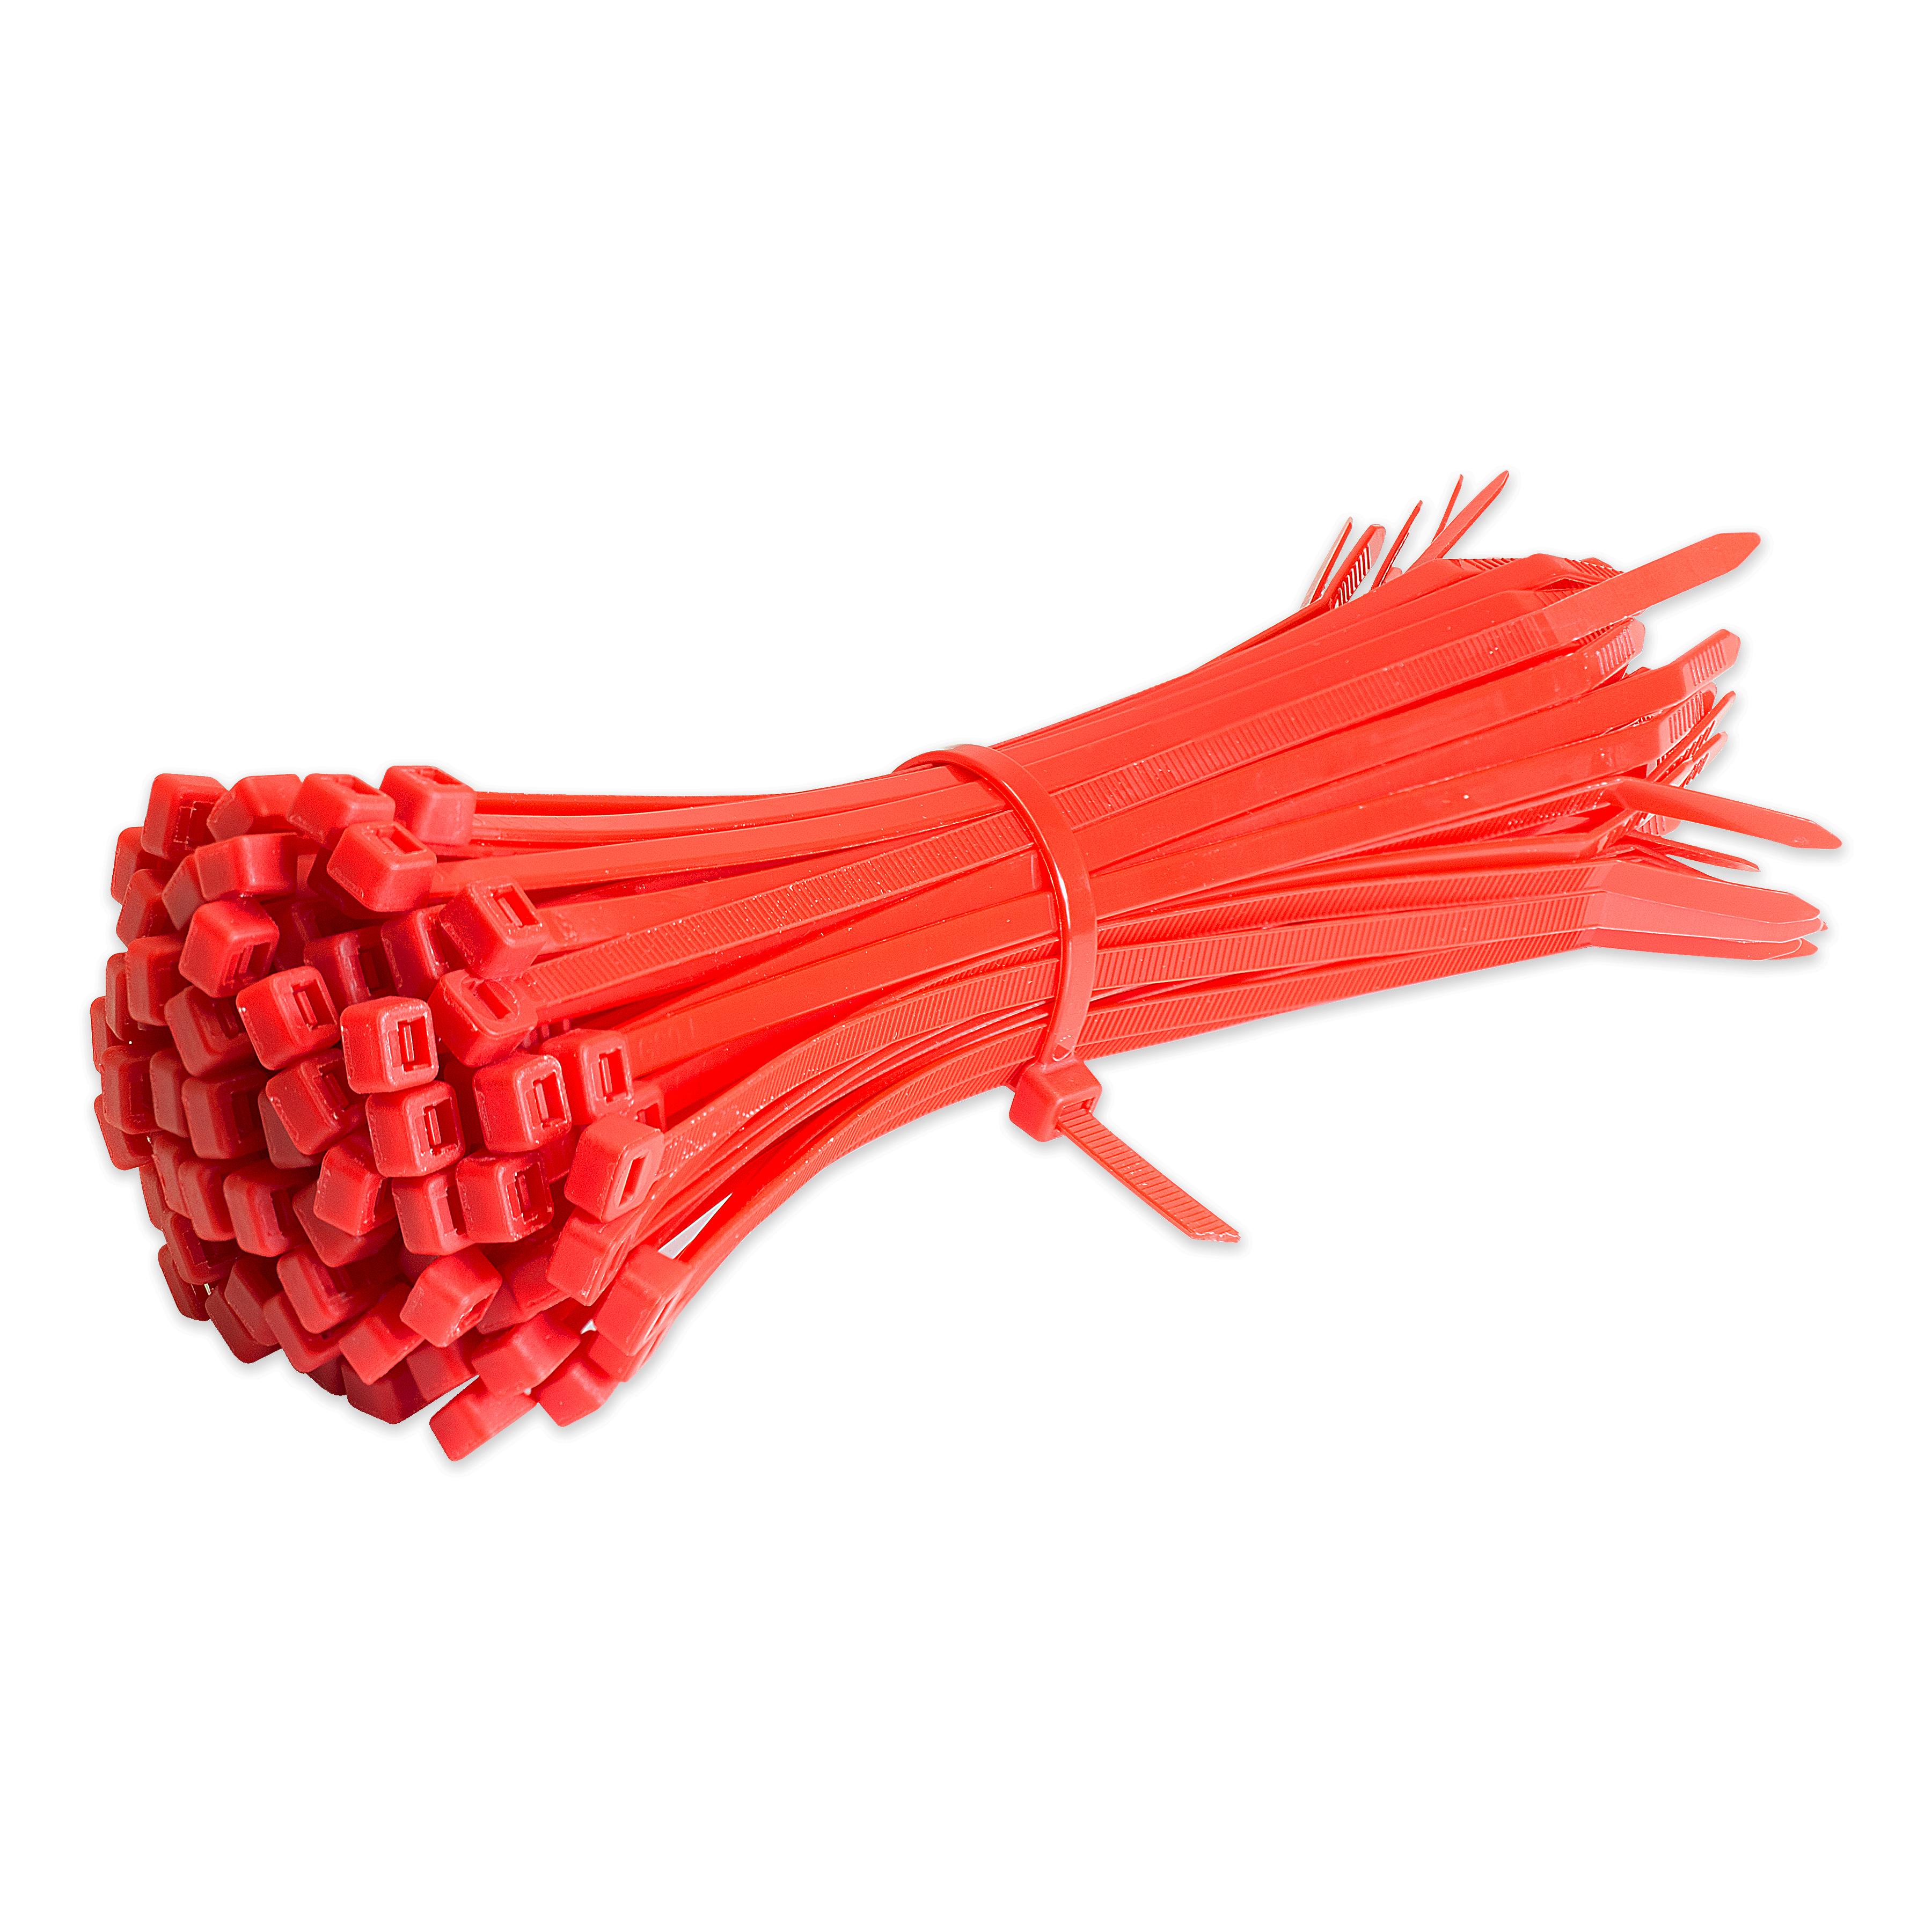 100-X-Cable-Ties-Cravate-Enveloppes-Nylon-Zip-liens-Forts-Extra-Long-Toutes-Tailles-Et-Couleurs